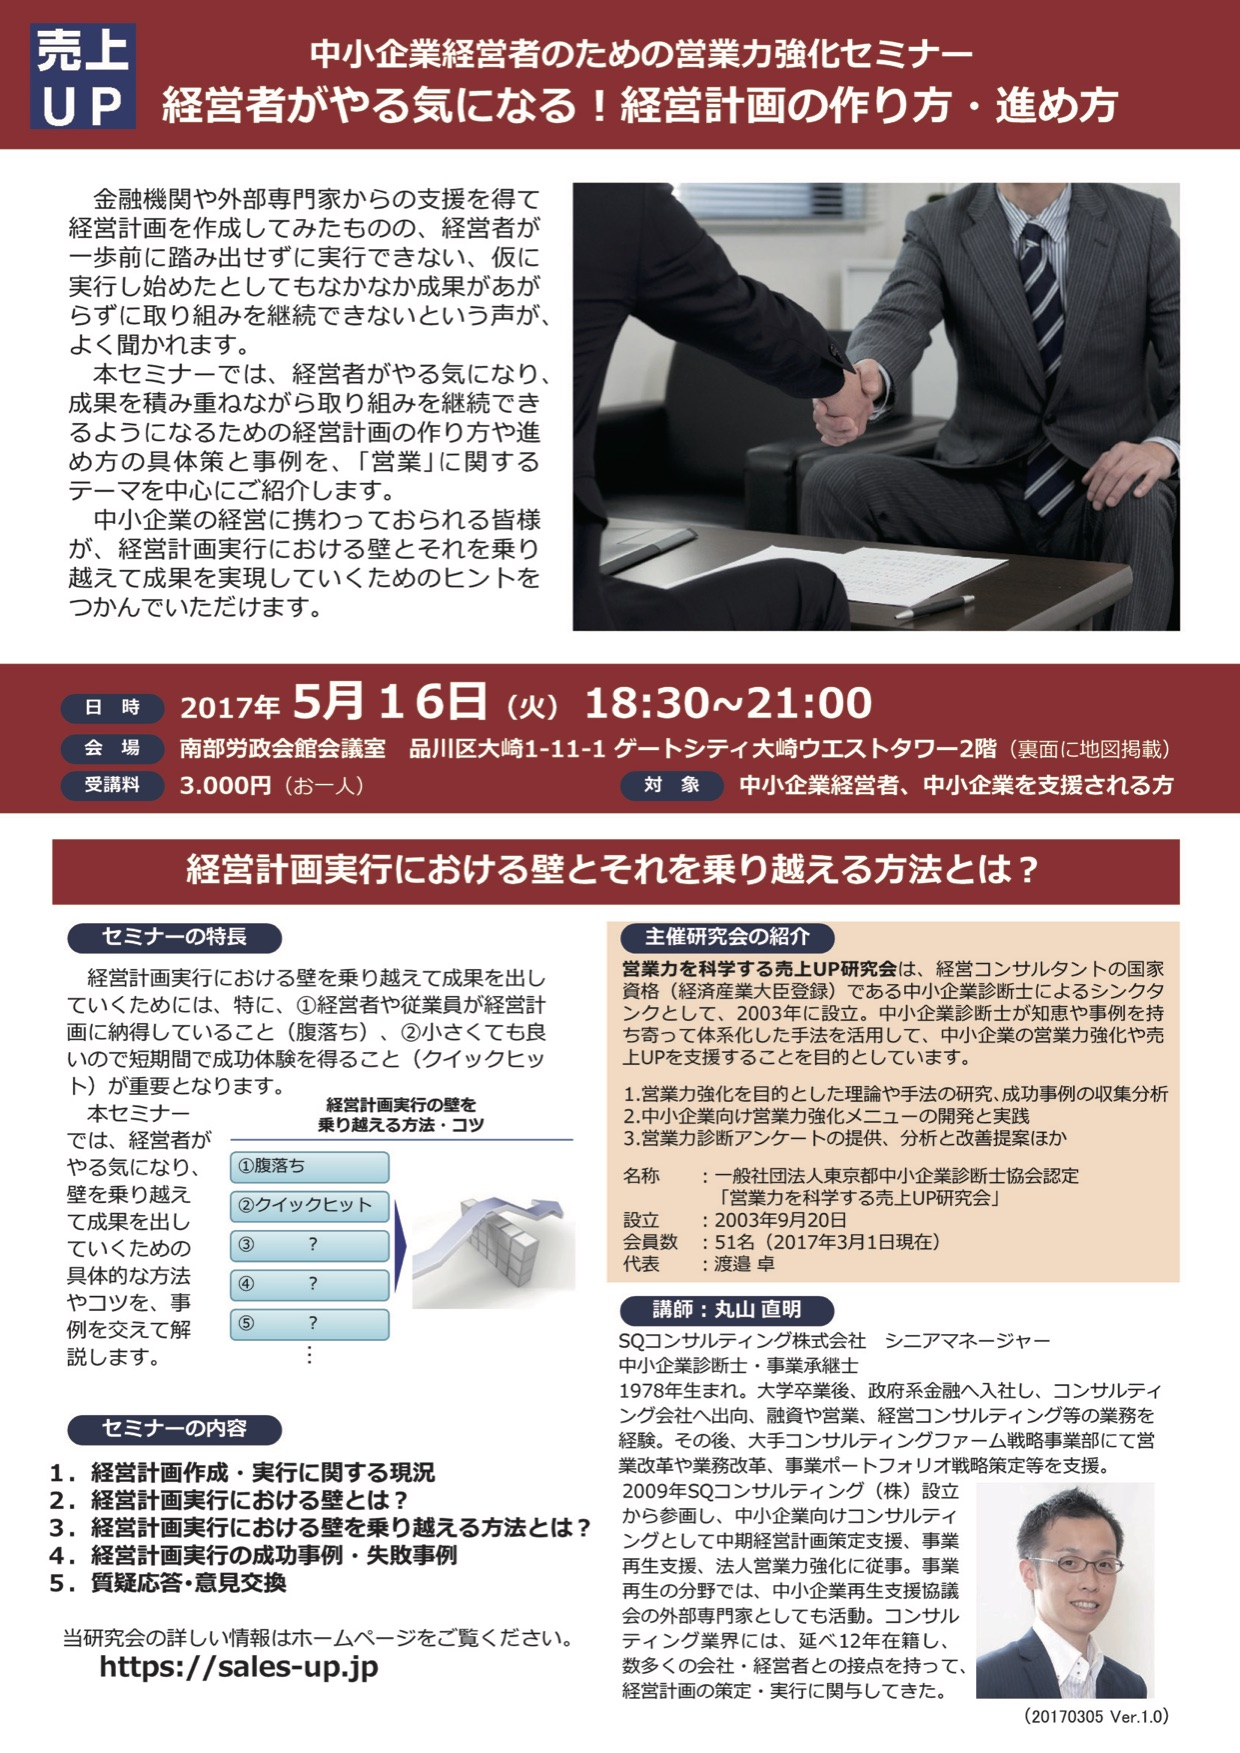 営業力セミナー5月16日チラシ画像